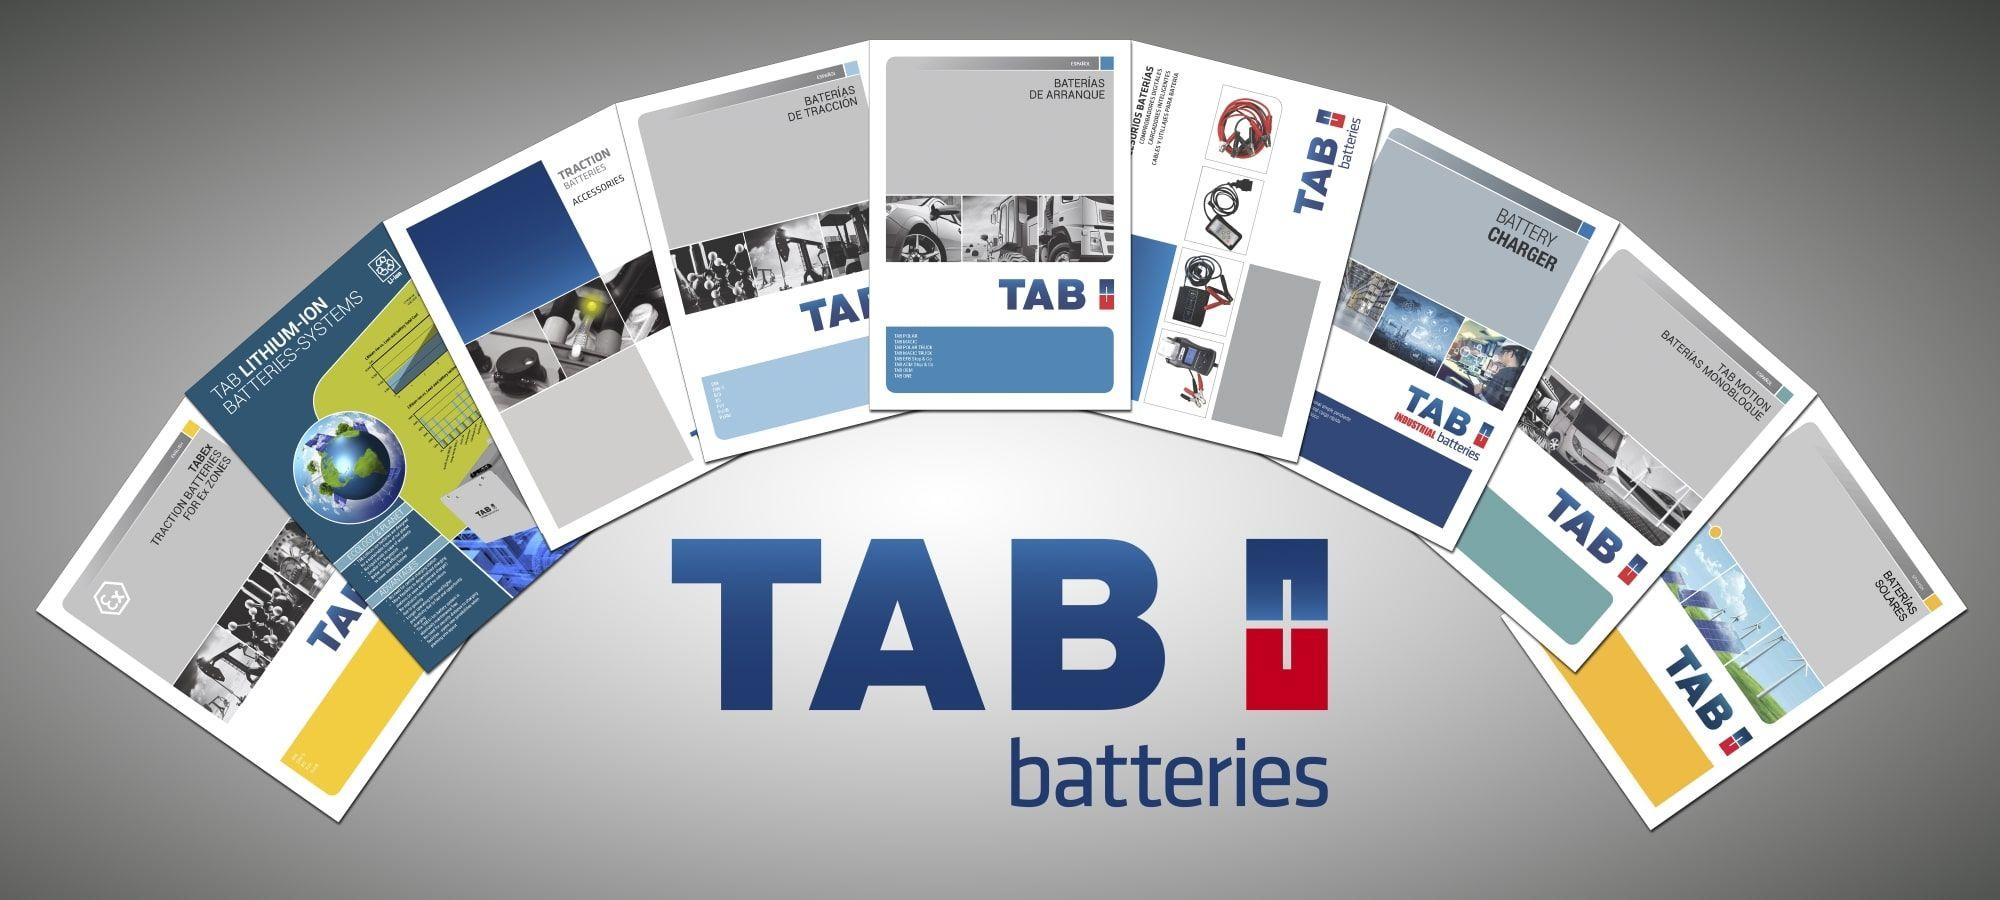 TAB Batteries consolida la implantación de su nueva imagen